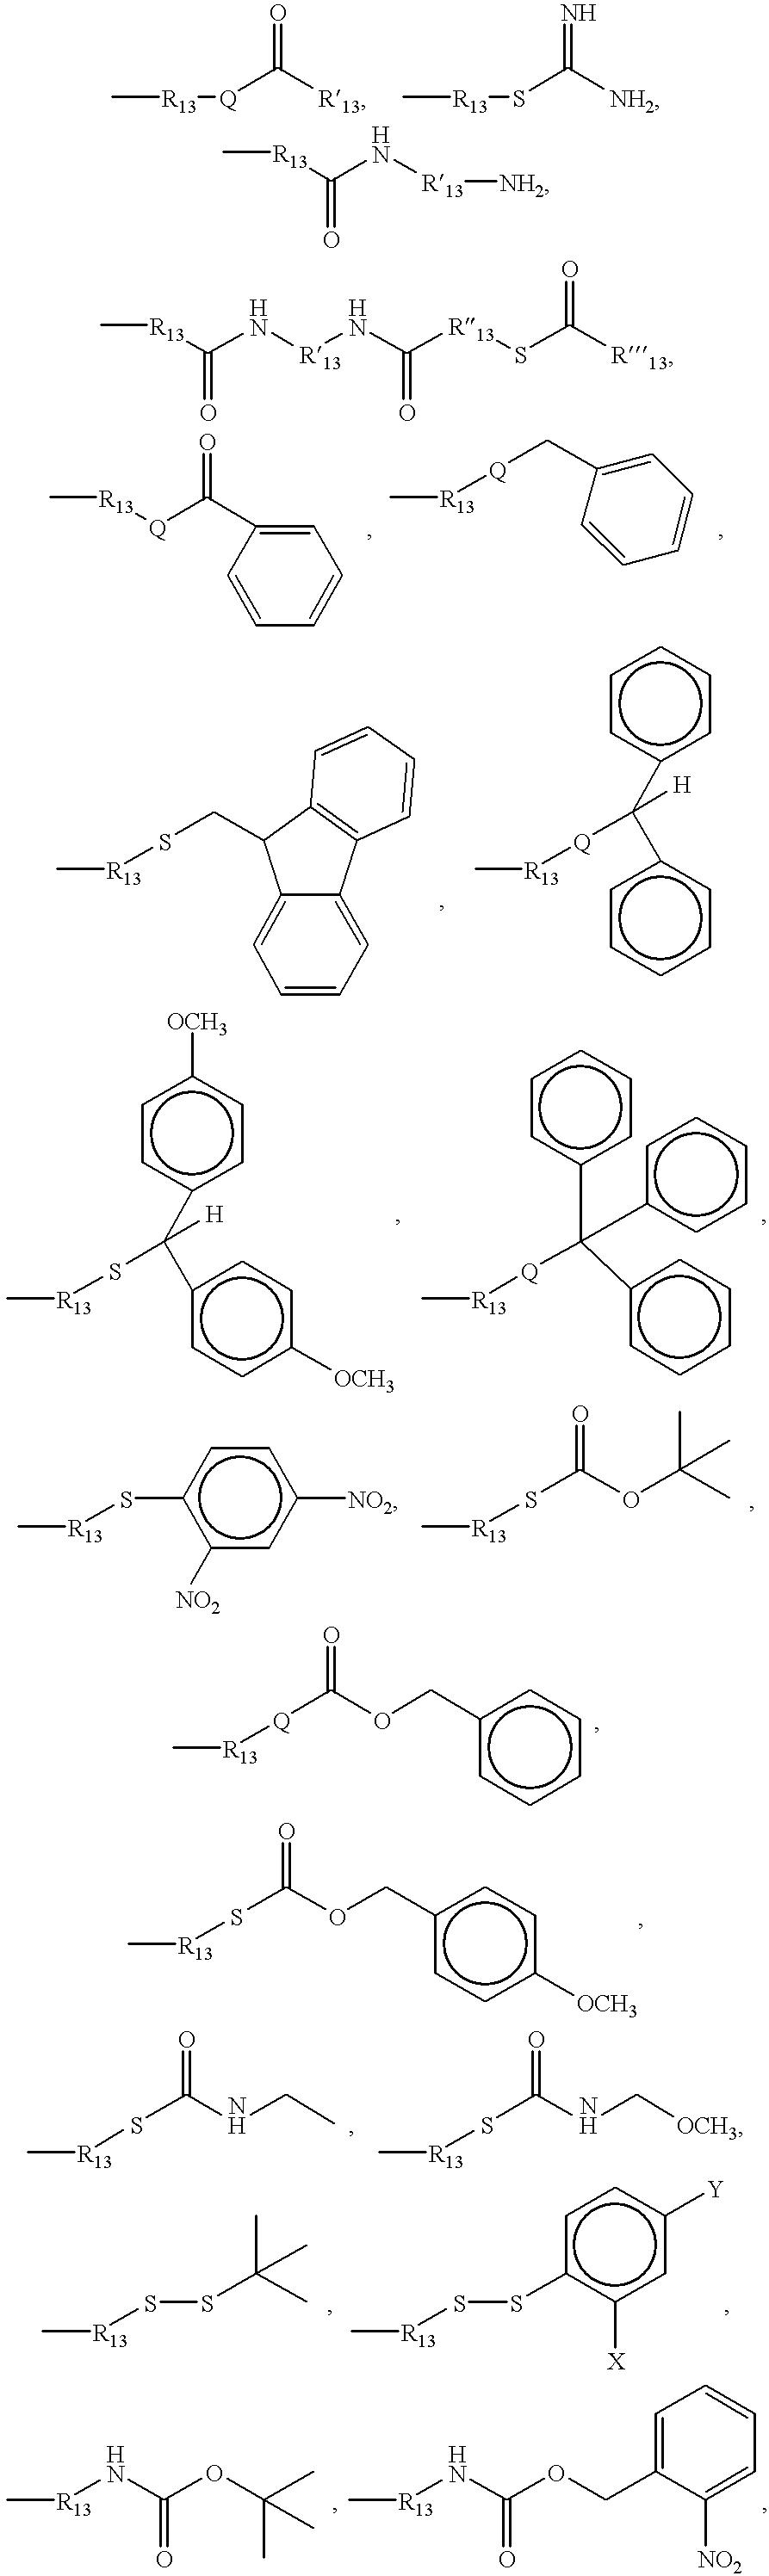 Figure US06204389-20010320-C00012